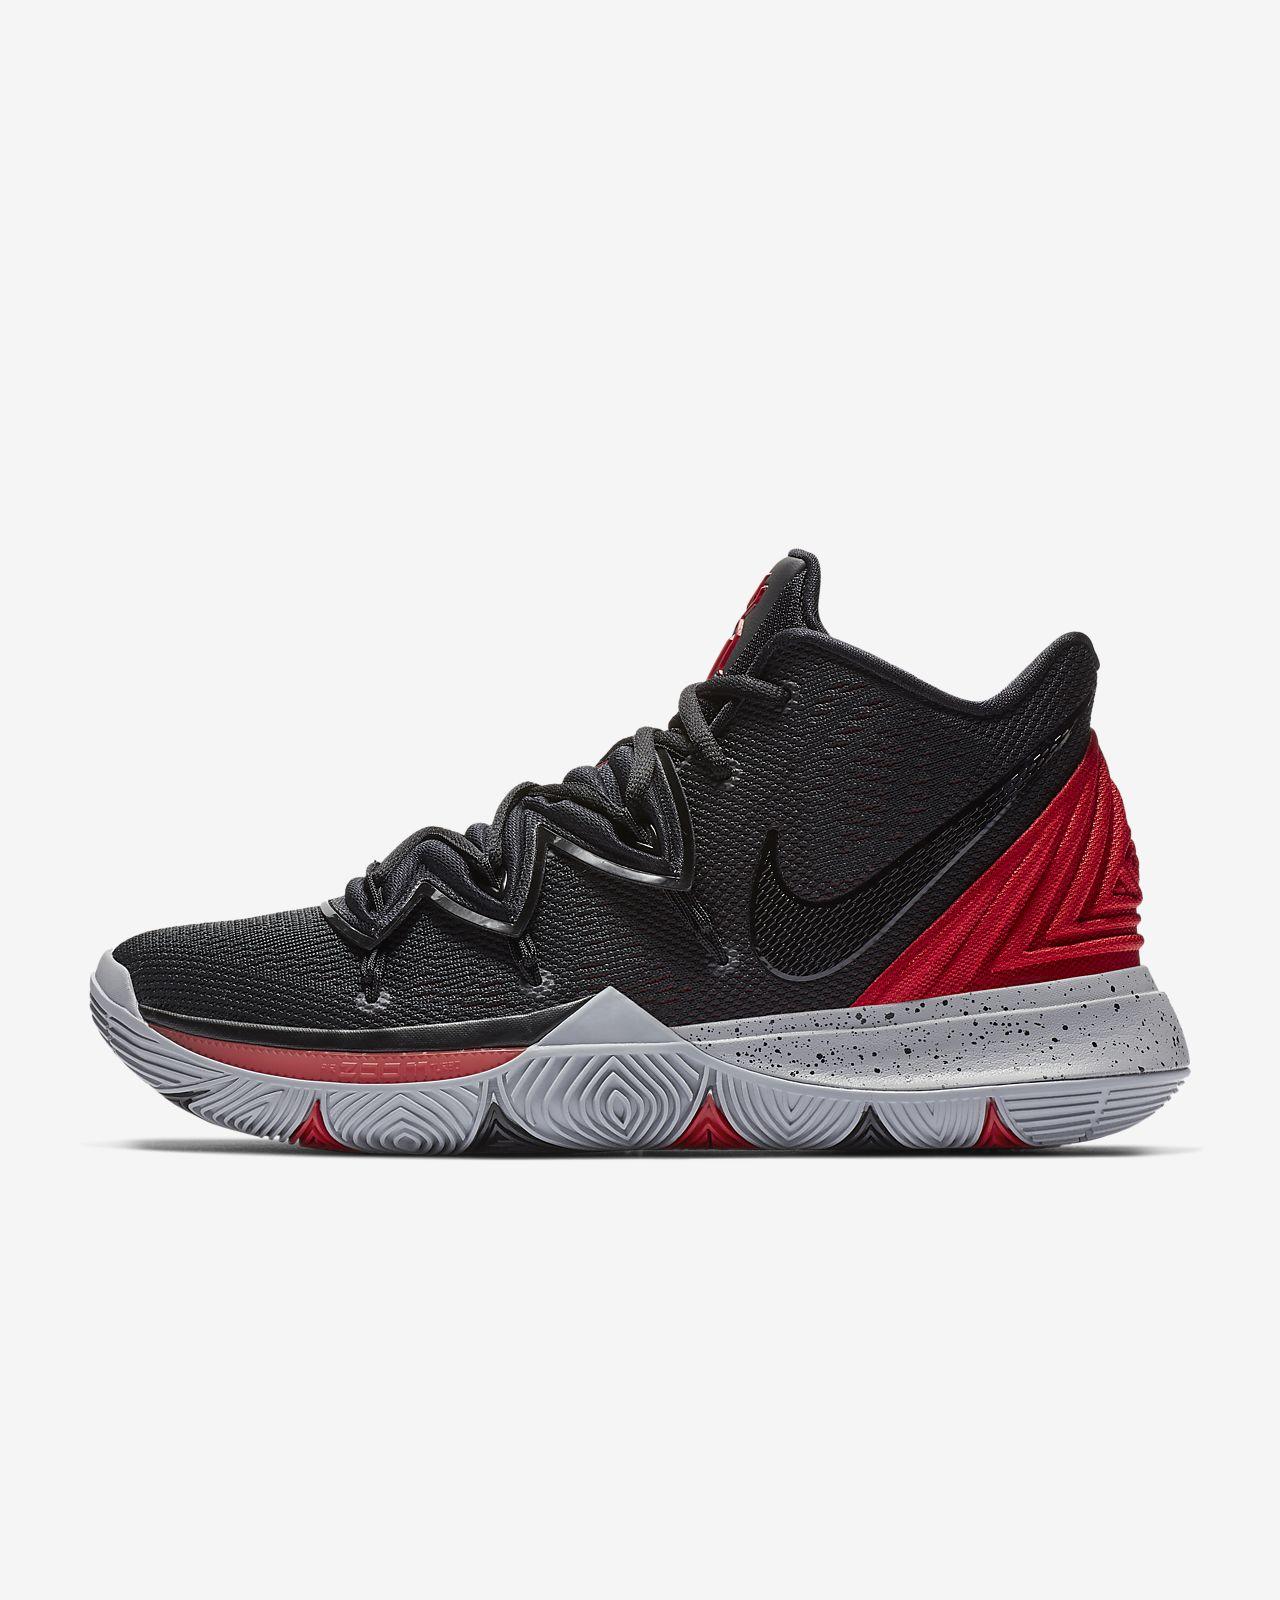 031a47f3804 Kyrie 5 Shoe. Nike.com